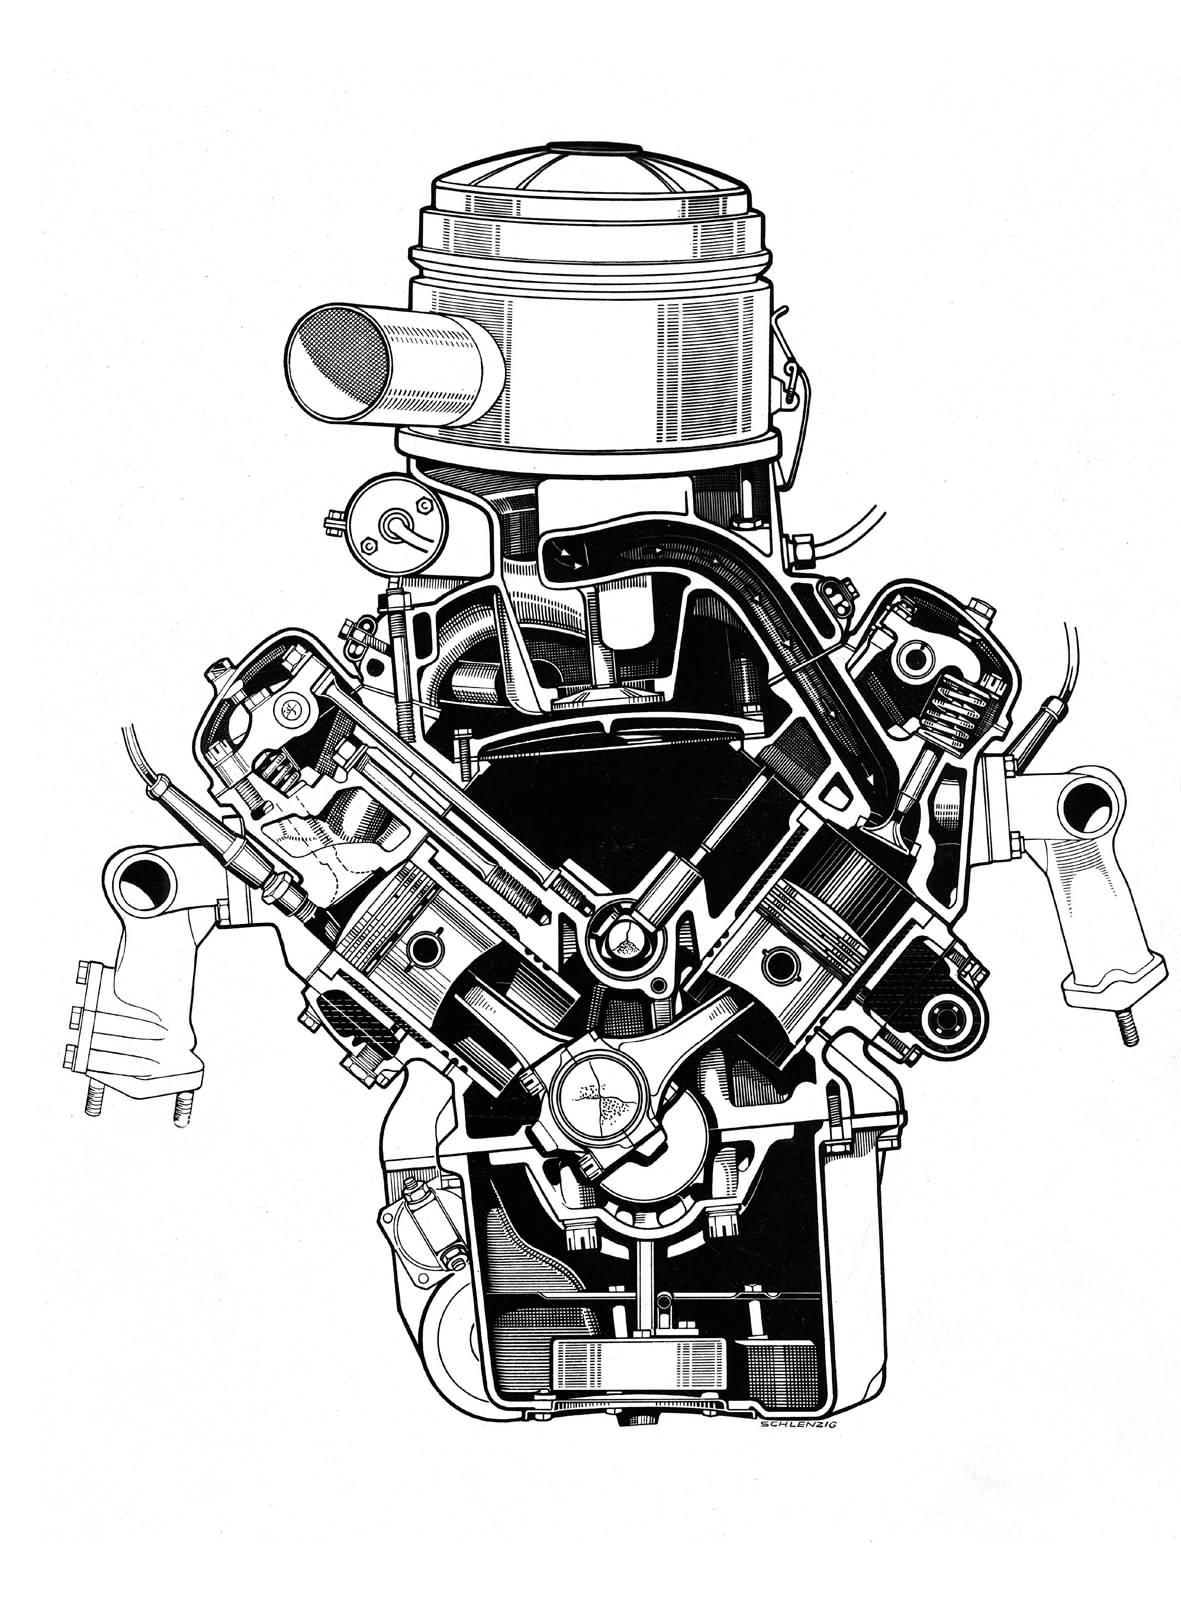 1954: Der erste V8 Motor mit Vollaluminiumblock